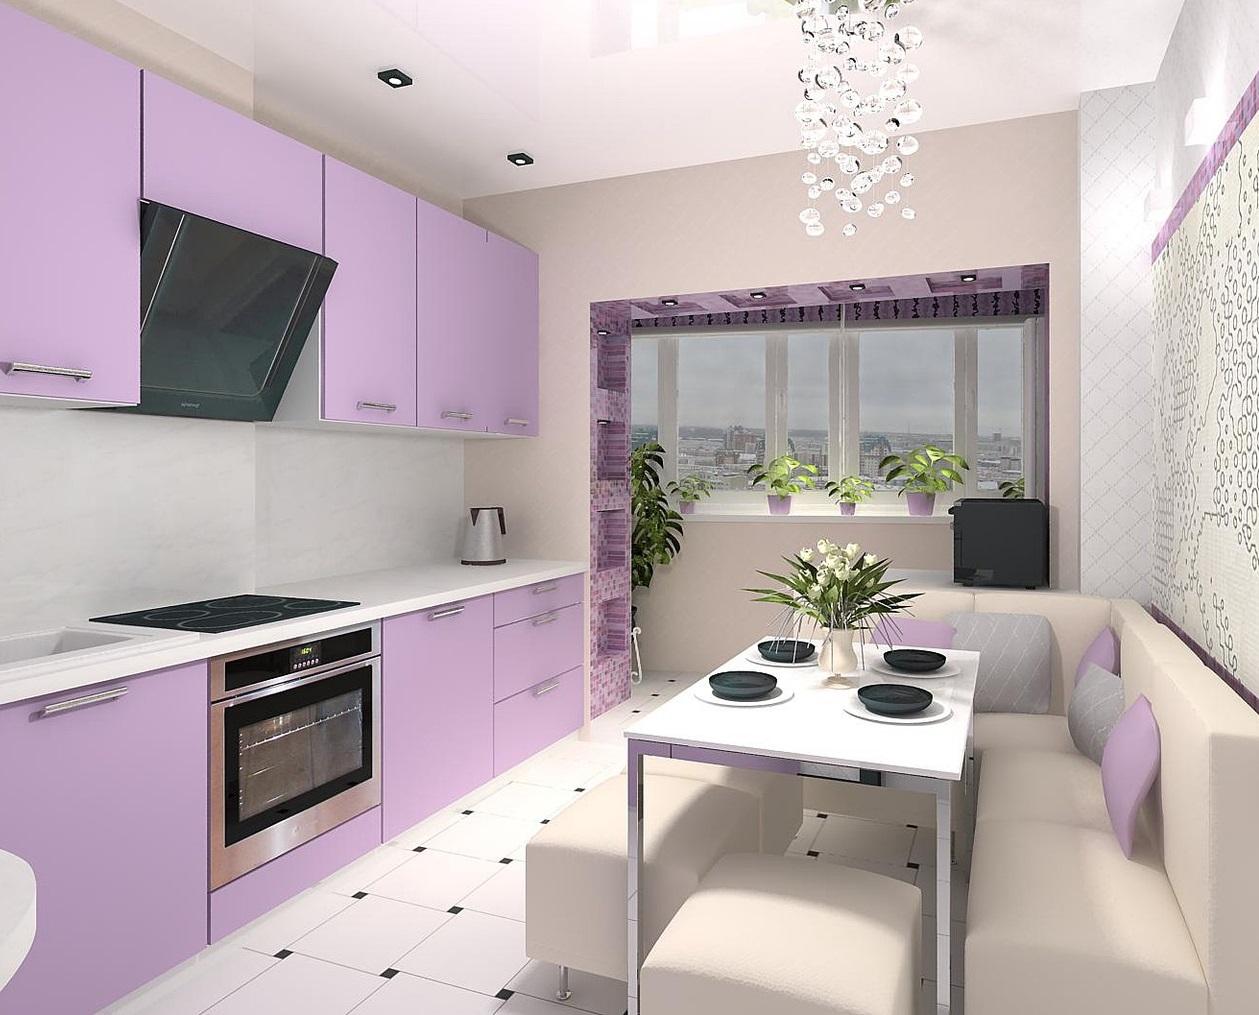 обои для фиолетовой кухни фото одной версии, воскресеньям